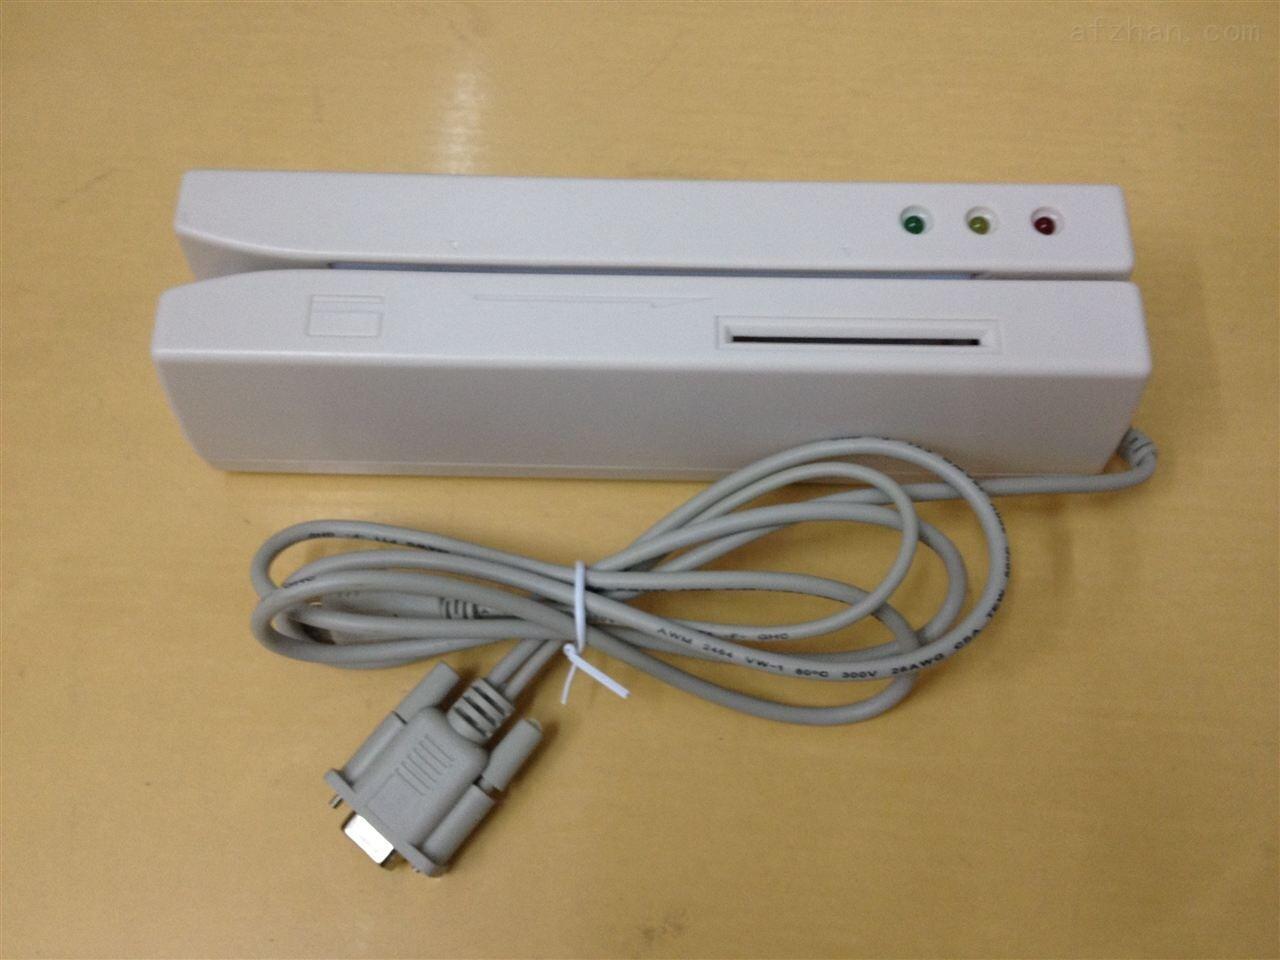 明華誠信MHCX-712磁條讀寫器